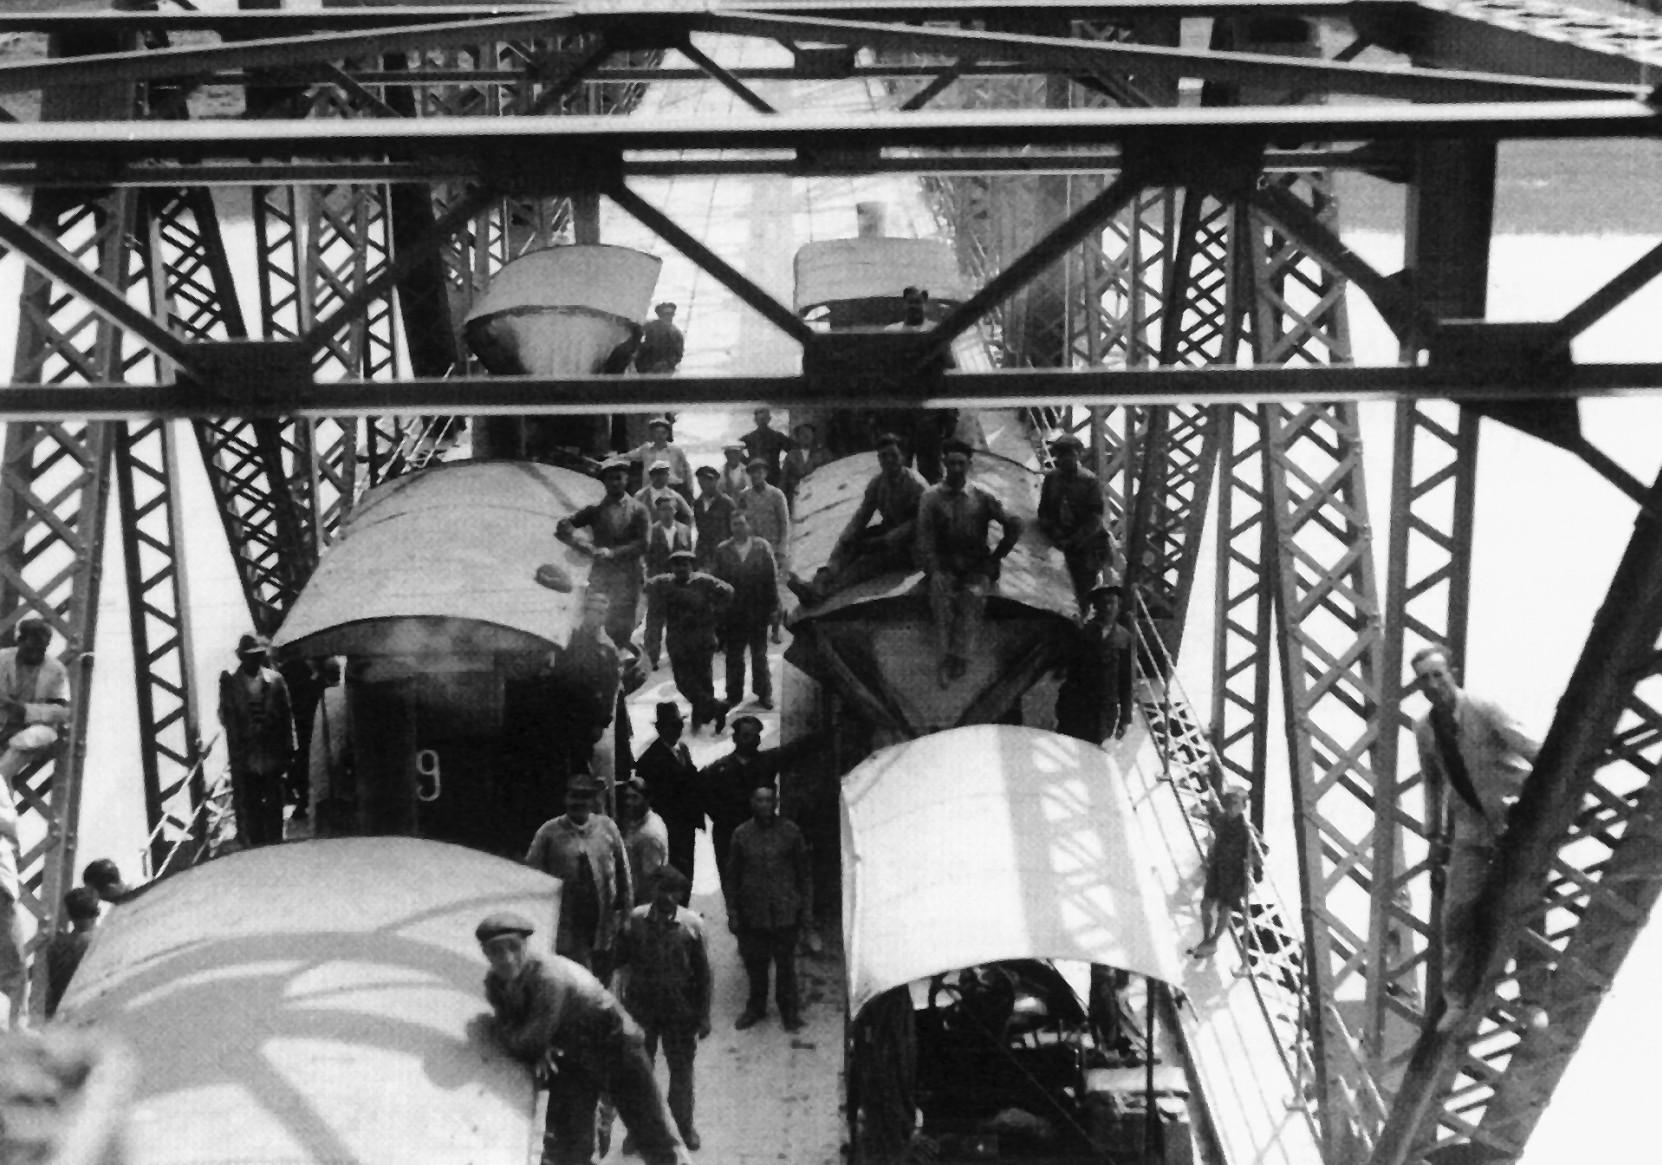 Prueba de resistencia del puente de San Juan de Aznalfarache, 1933 (Archivo Serrano, Archivo General de la Administración)